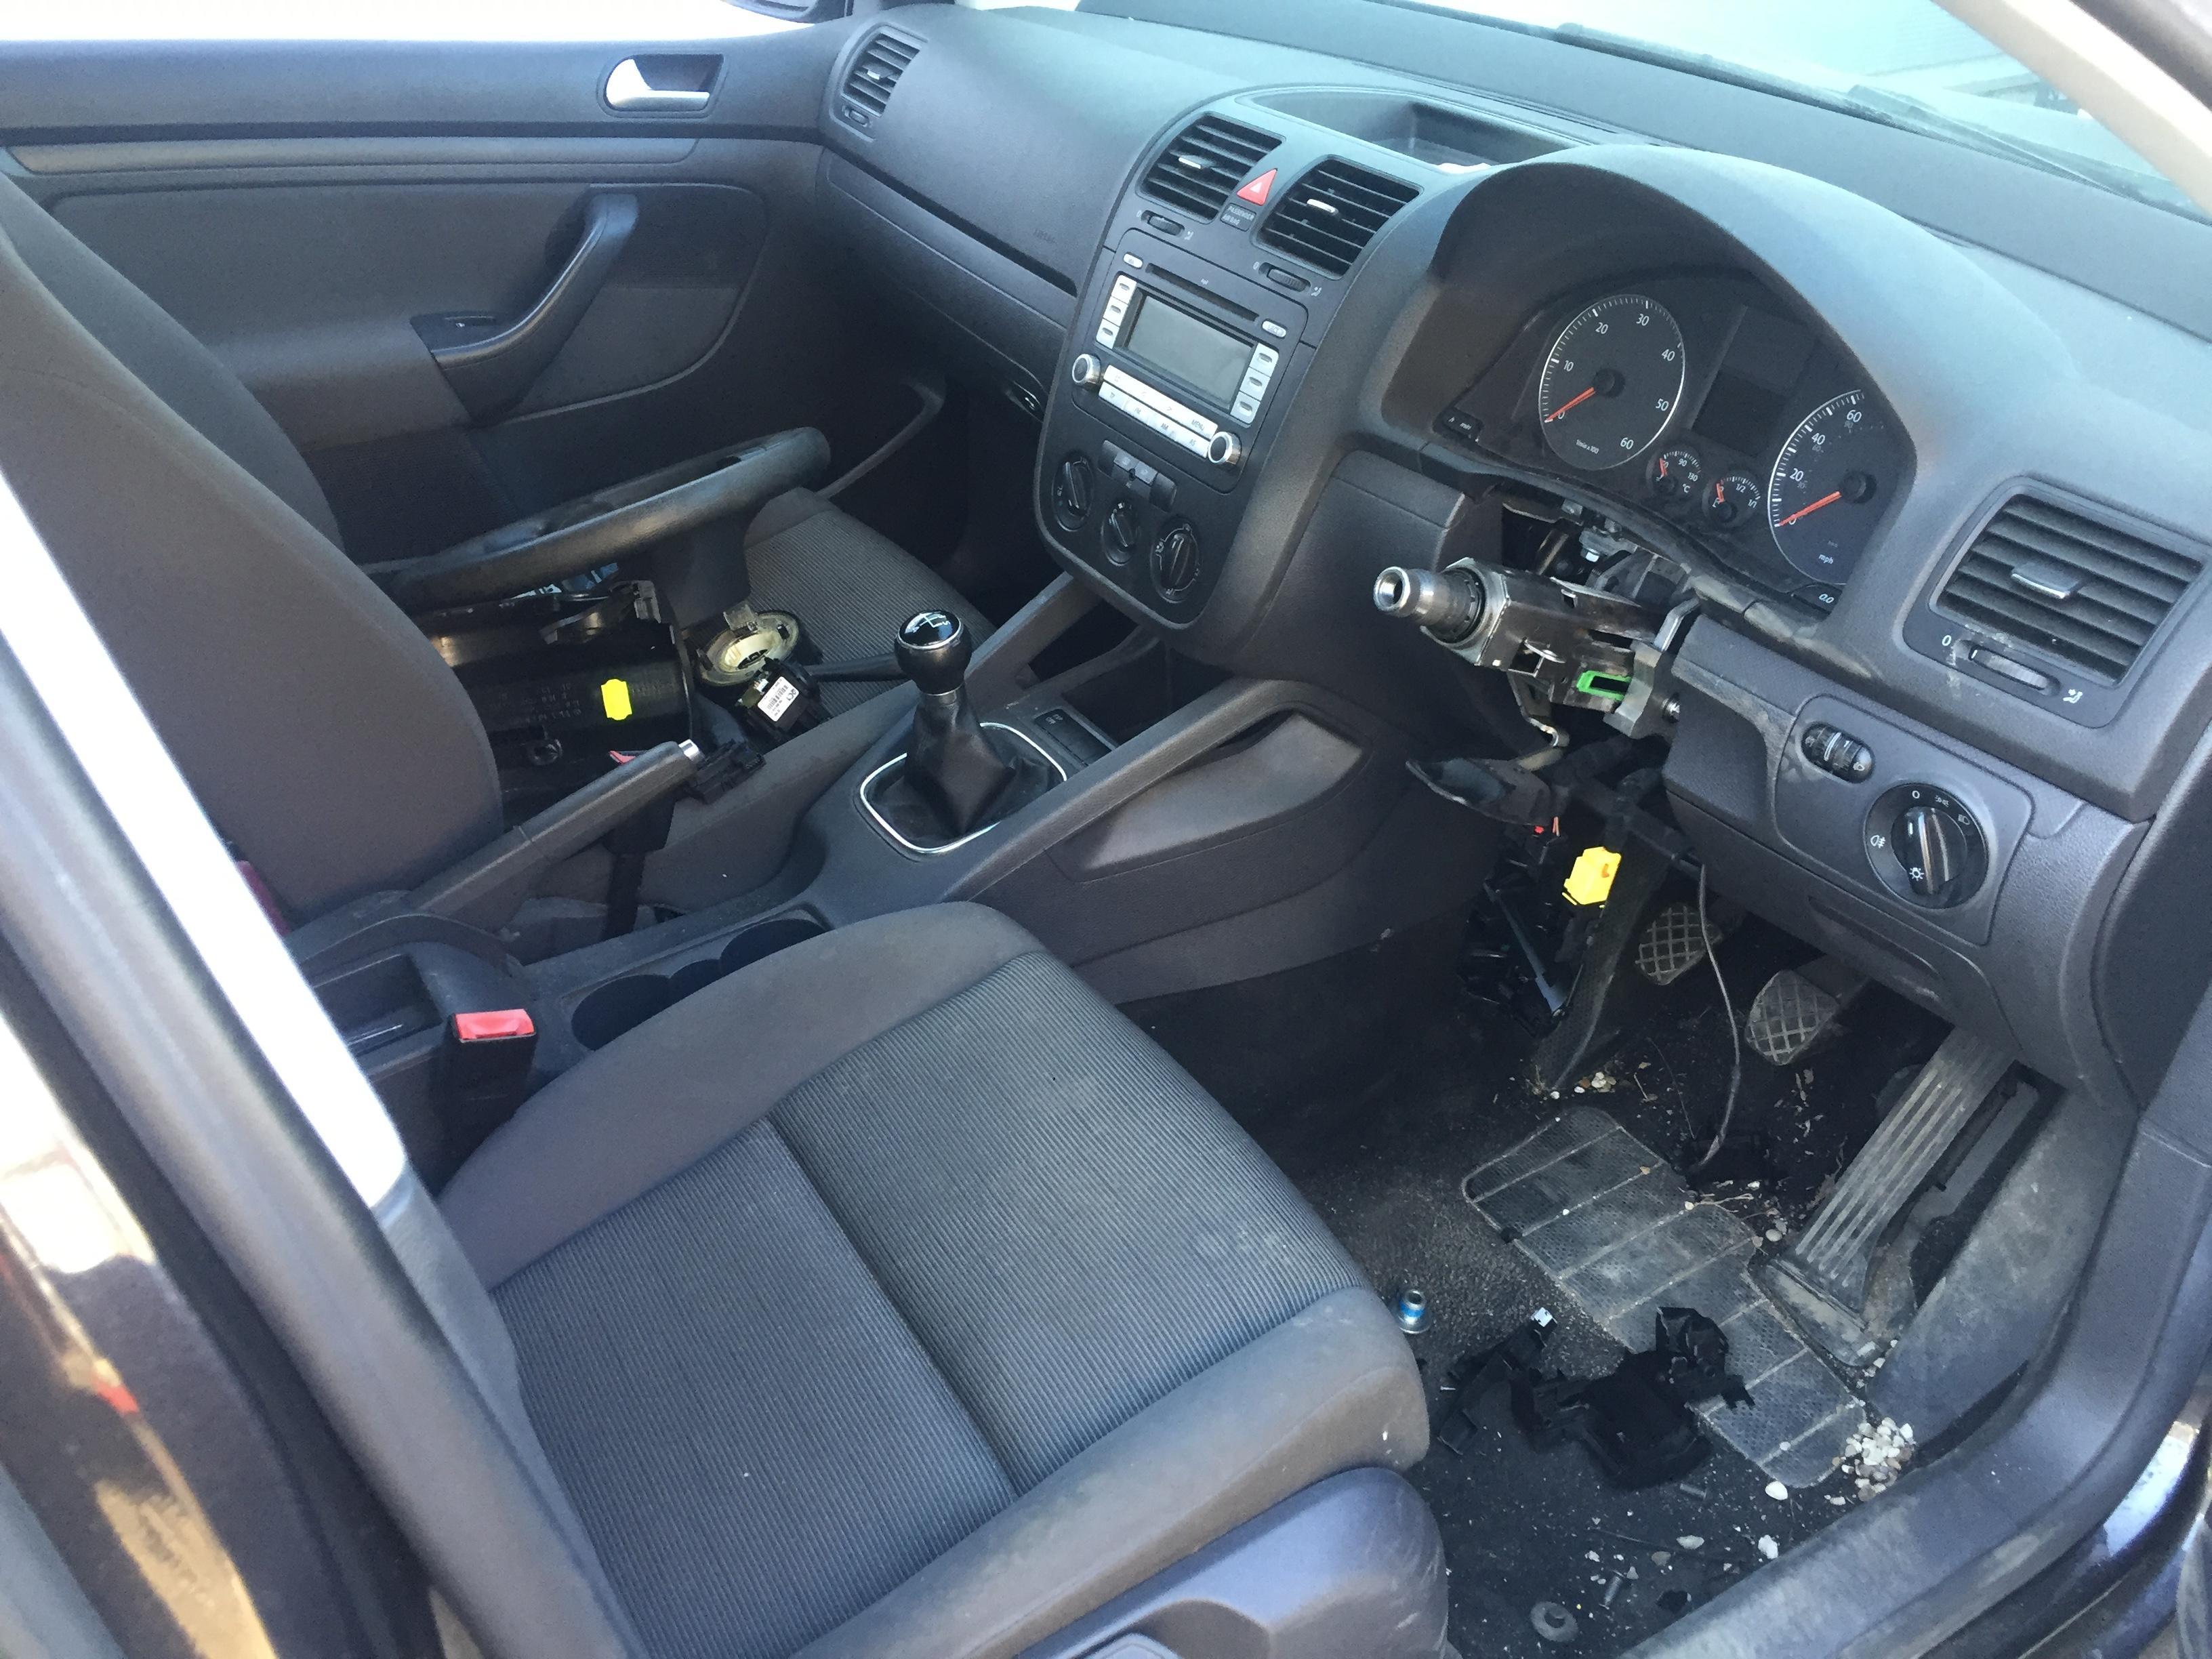 Used Car Parts Foto 5 Volkswagen GOLF 2007 1.9 Mechanical Hatchback 4/5 d. Black 2017-8-31 A3437